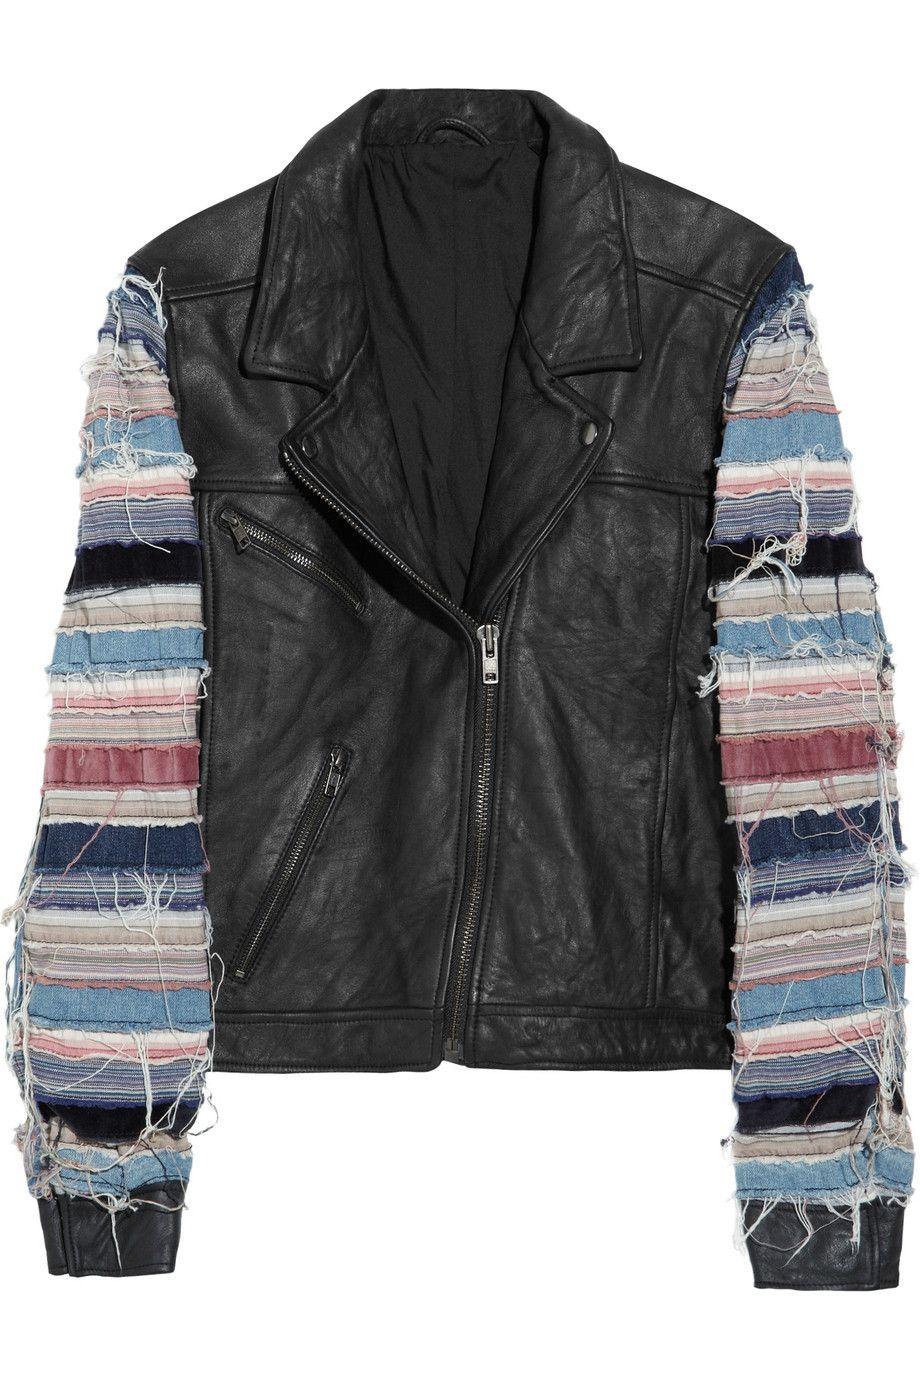 Slice leather jacket by Acne Jackets, Leather jacket